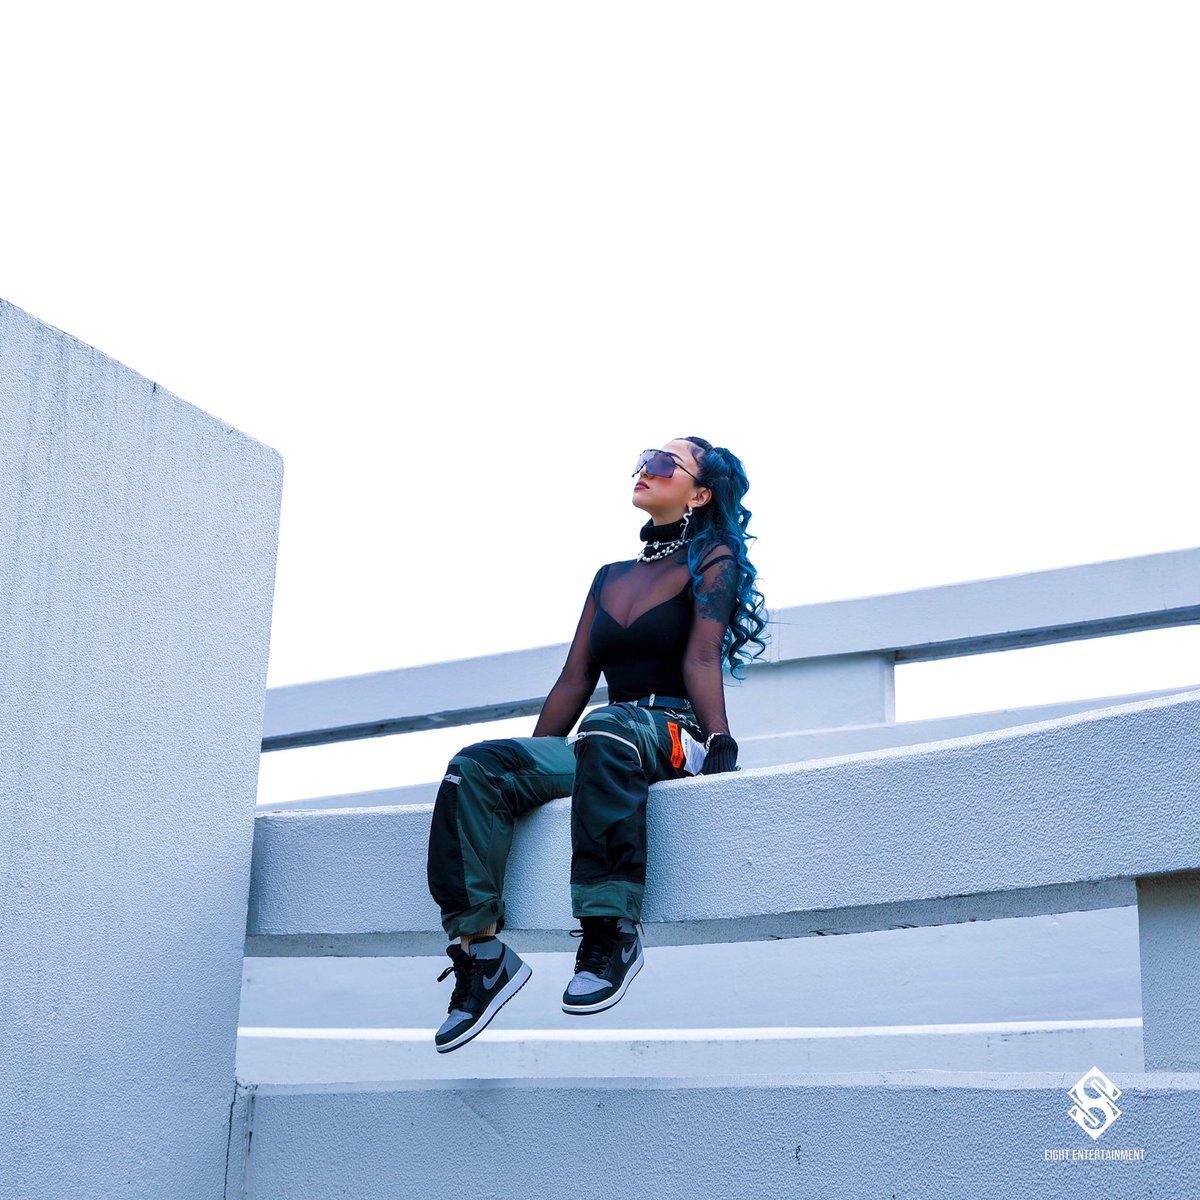 『JASMINE - BADASS (feat. KIRA)』収録の『BADASS (feat. KIRA)』ジャケット